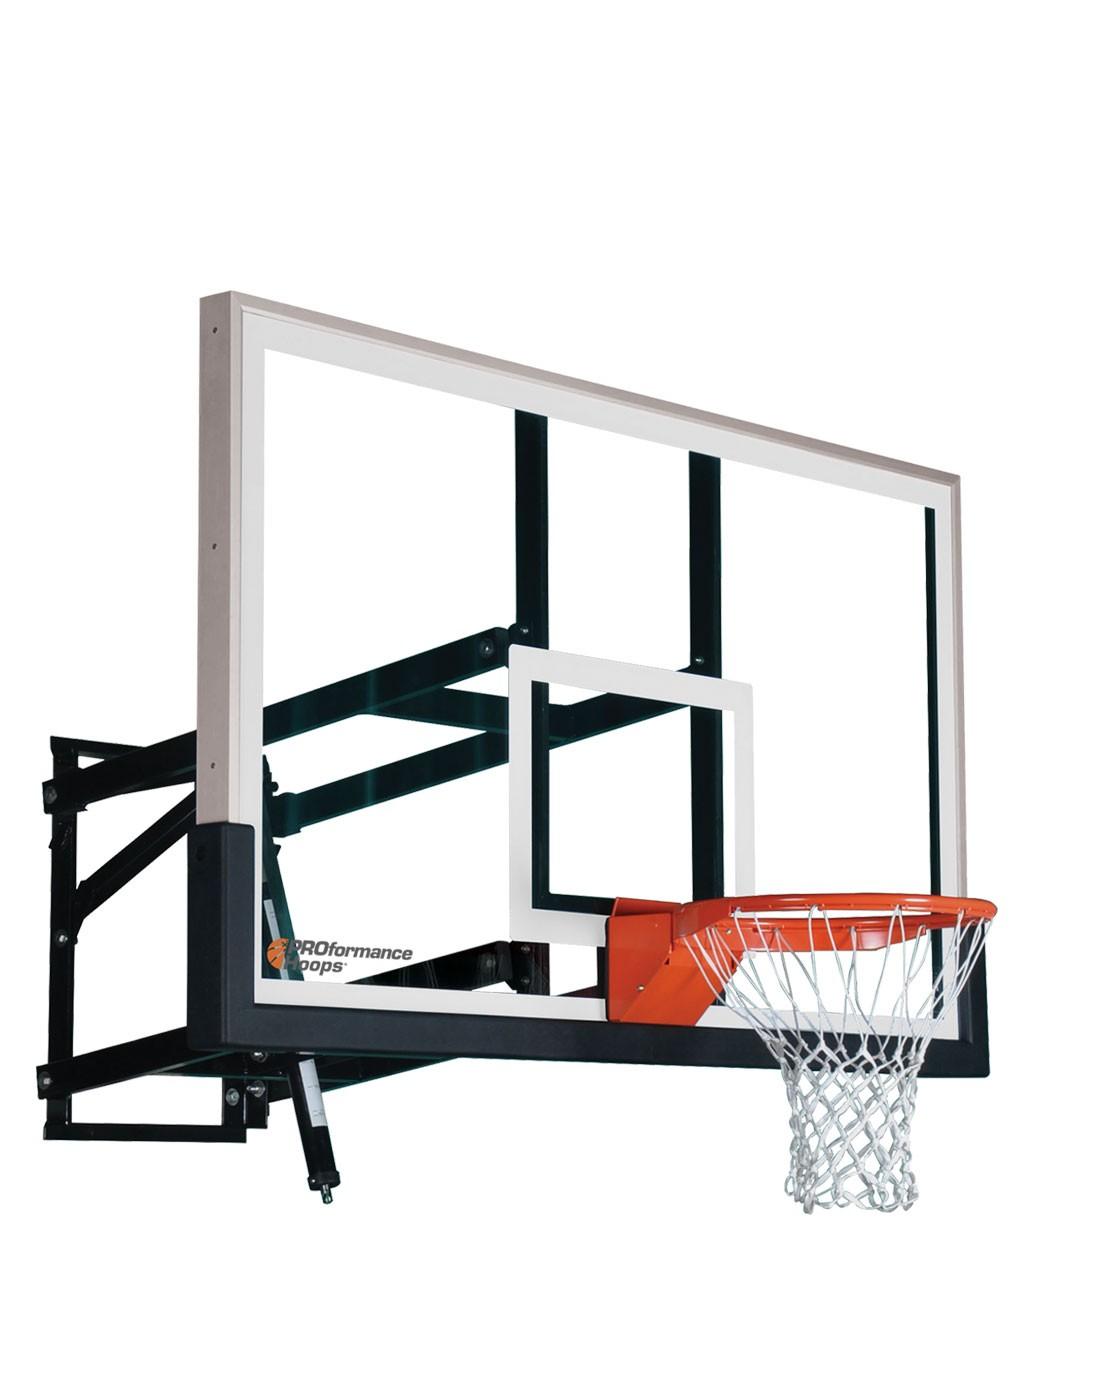 Wall Mount Wm60 Adjustable Basketball Hoop With 60 Inch Backboard - Wall Mount Wm60 Adjustable Basketball Hoop With 60 Inch Backboard